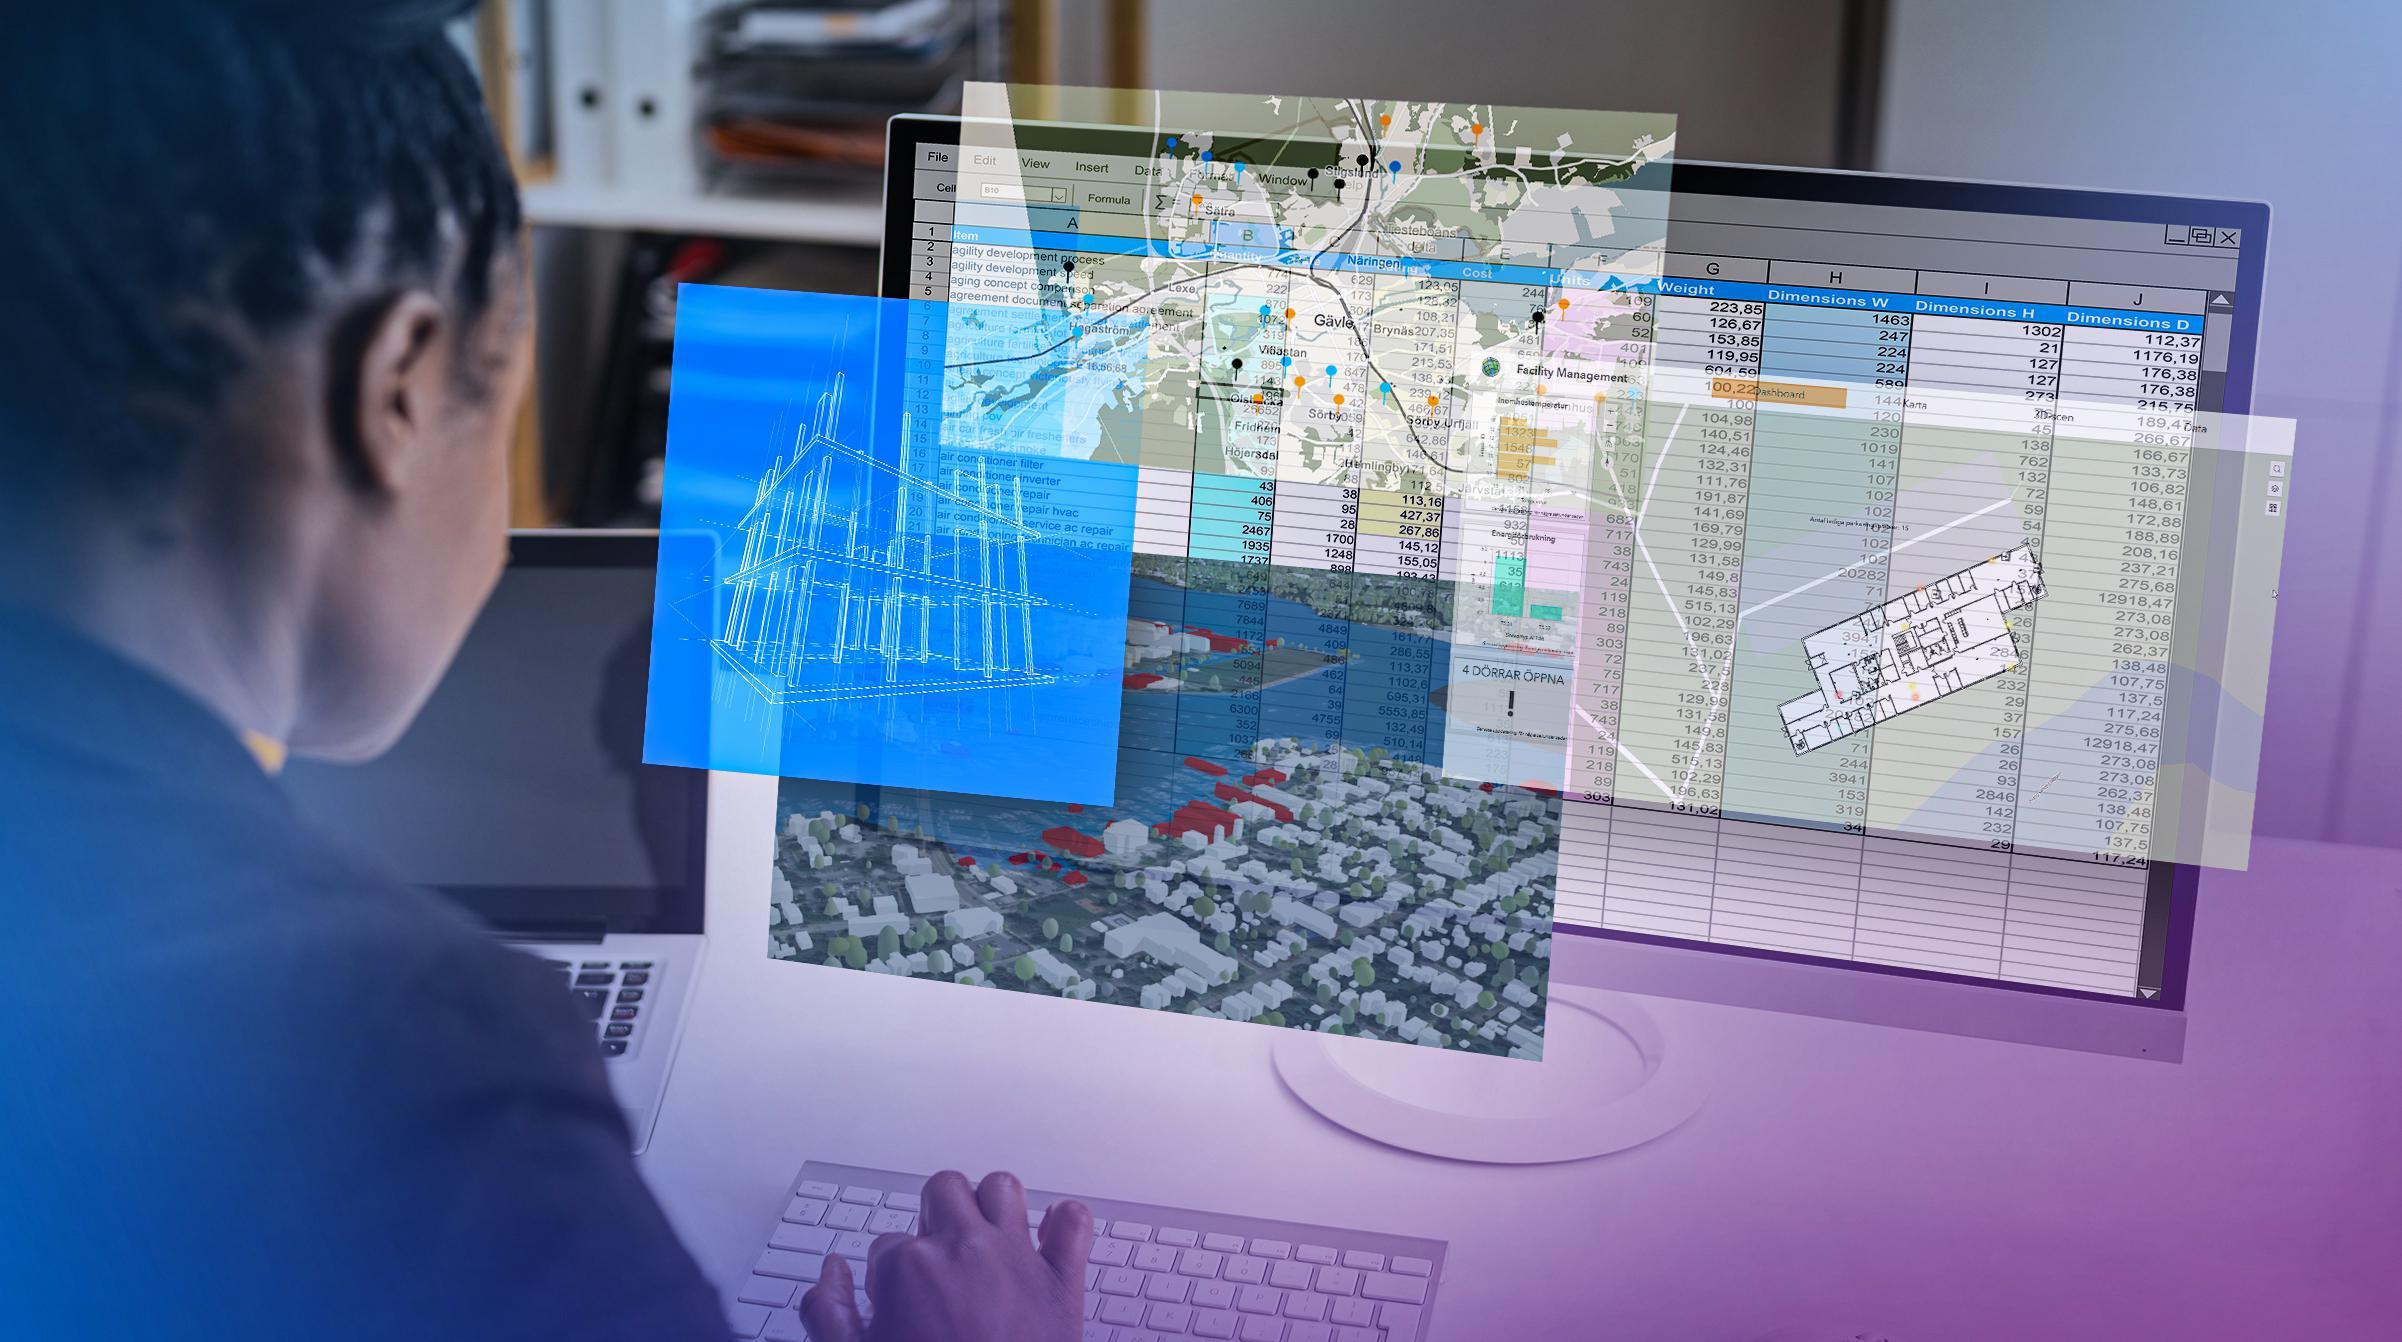 ArcGIS kompletterar andra system inom till exempel facility management